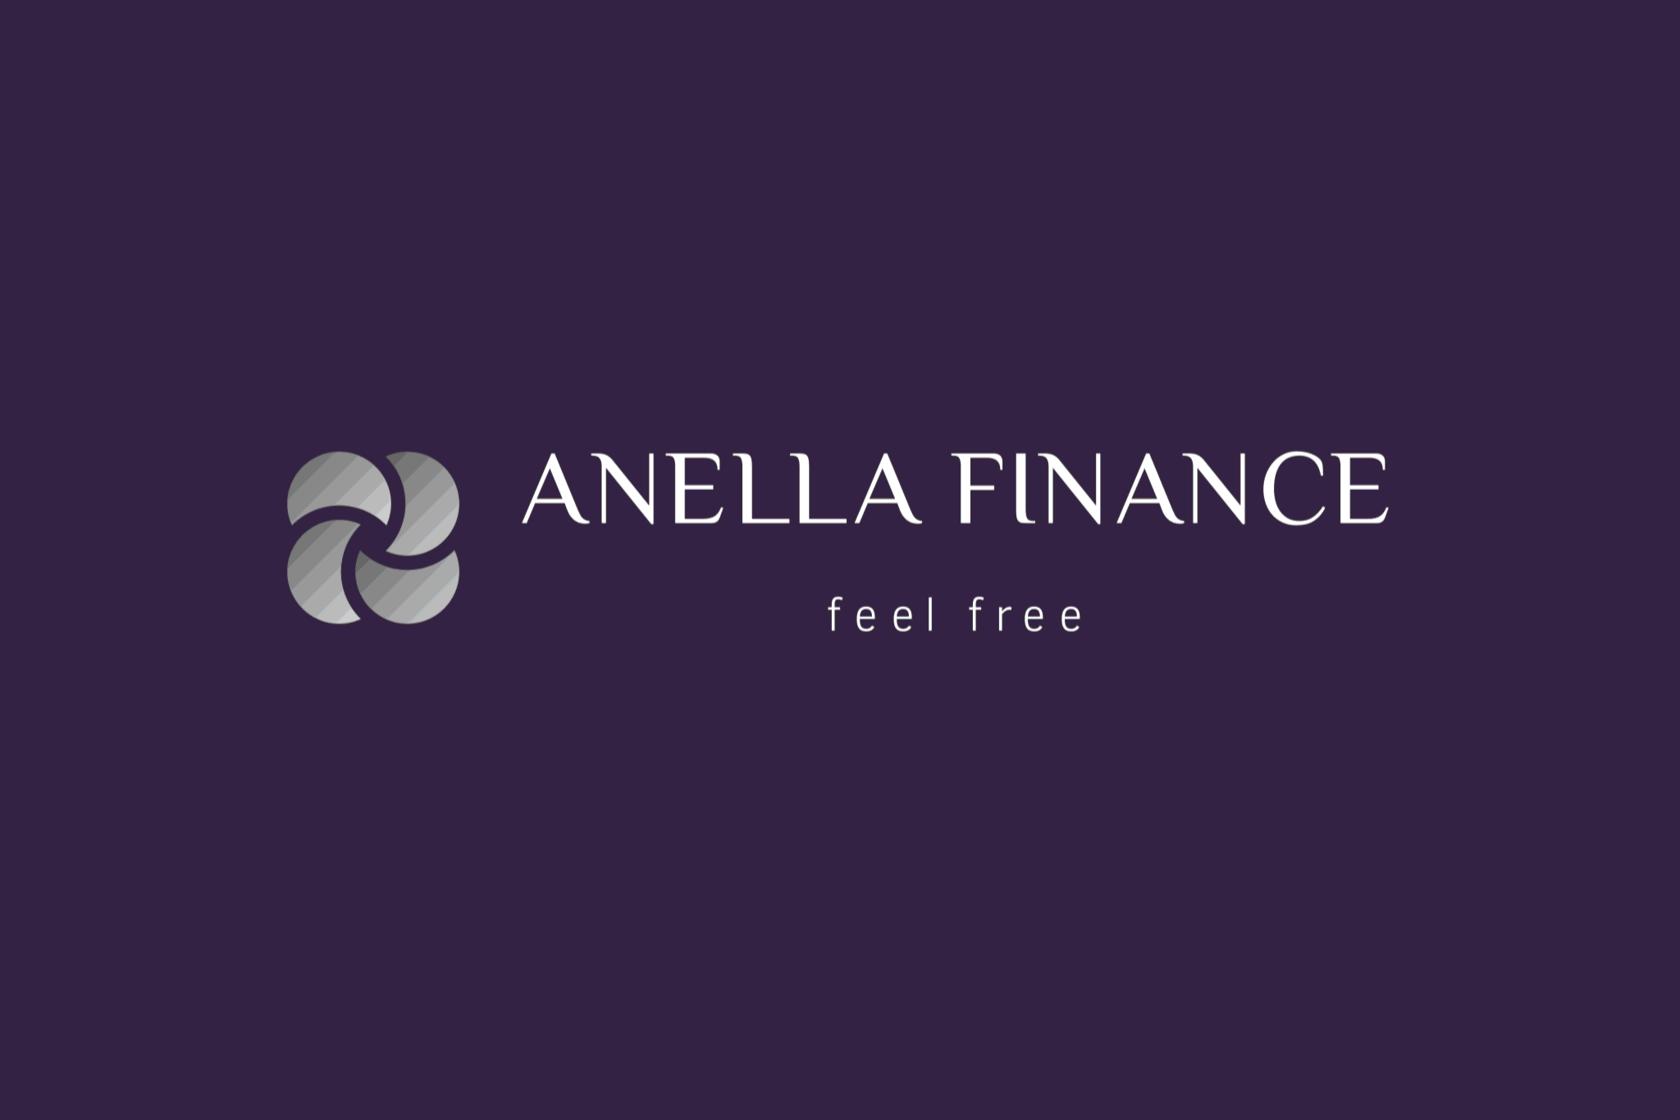 Anella Finance